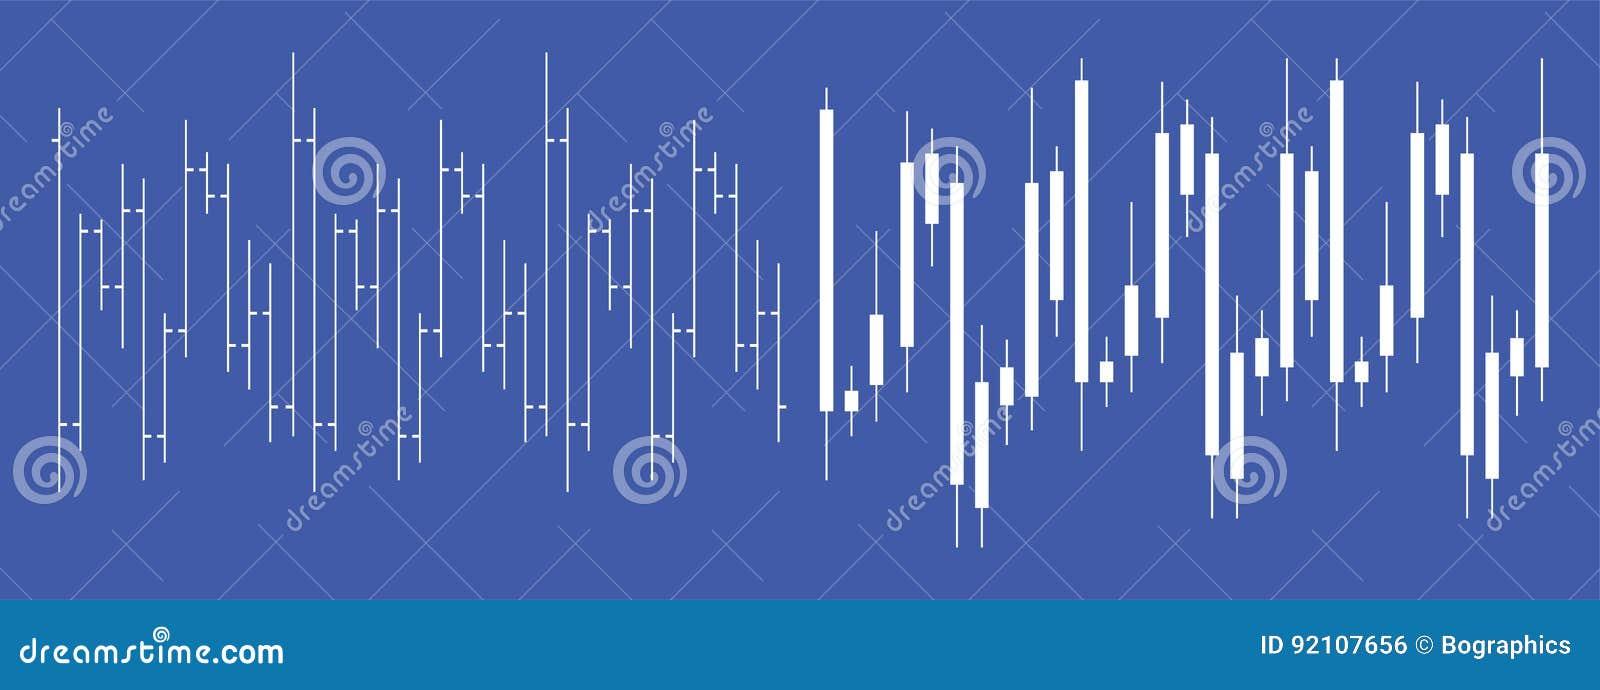 Диаграмма подсвечника валют фондовой биржи